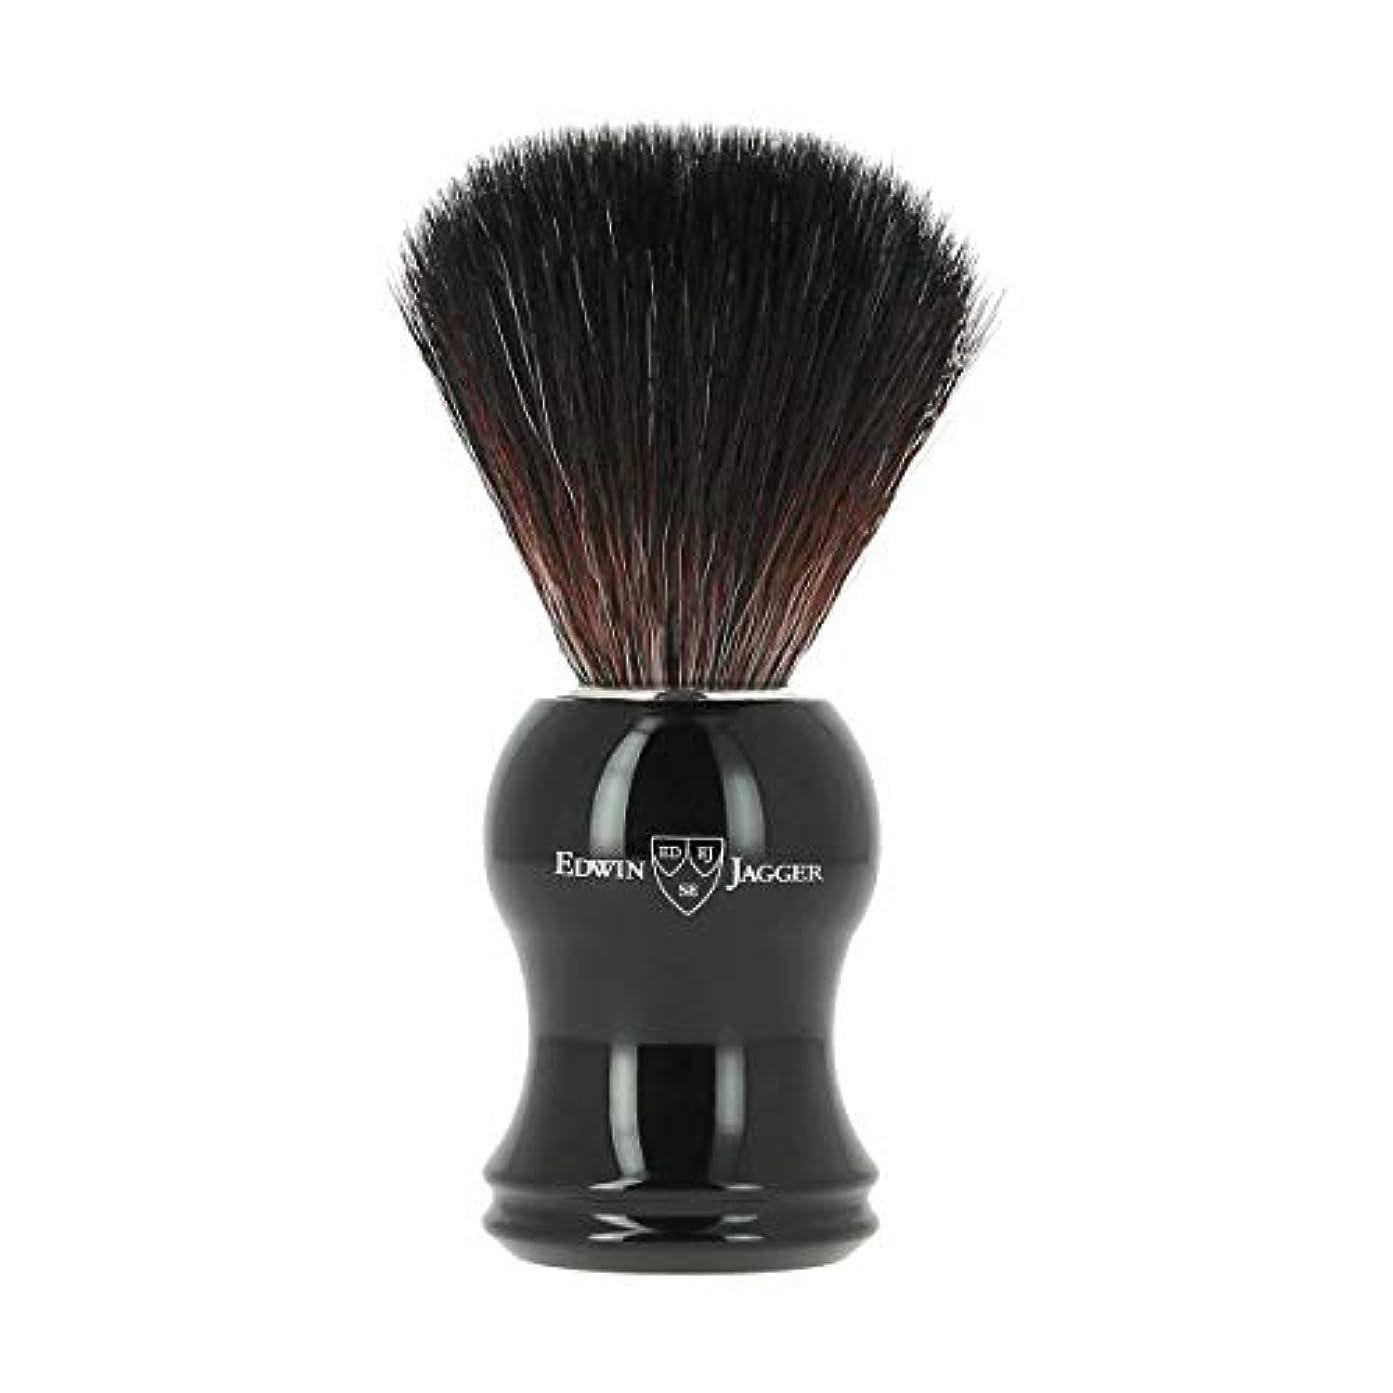 便利さ使い込むスラダムエドウィンジャガー エボニー 合成 シェービングブラシ21P36[海外直送品]Edwin Jagger Ebony Synthetic Shaving Brush 21P36 [並行輸入品]